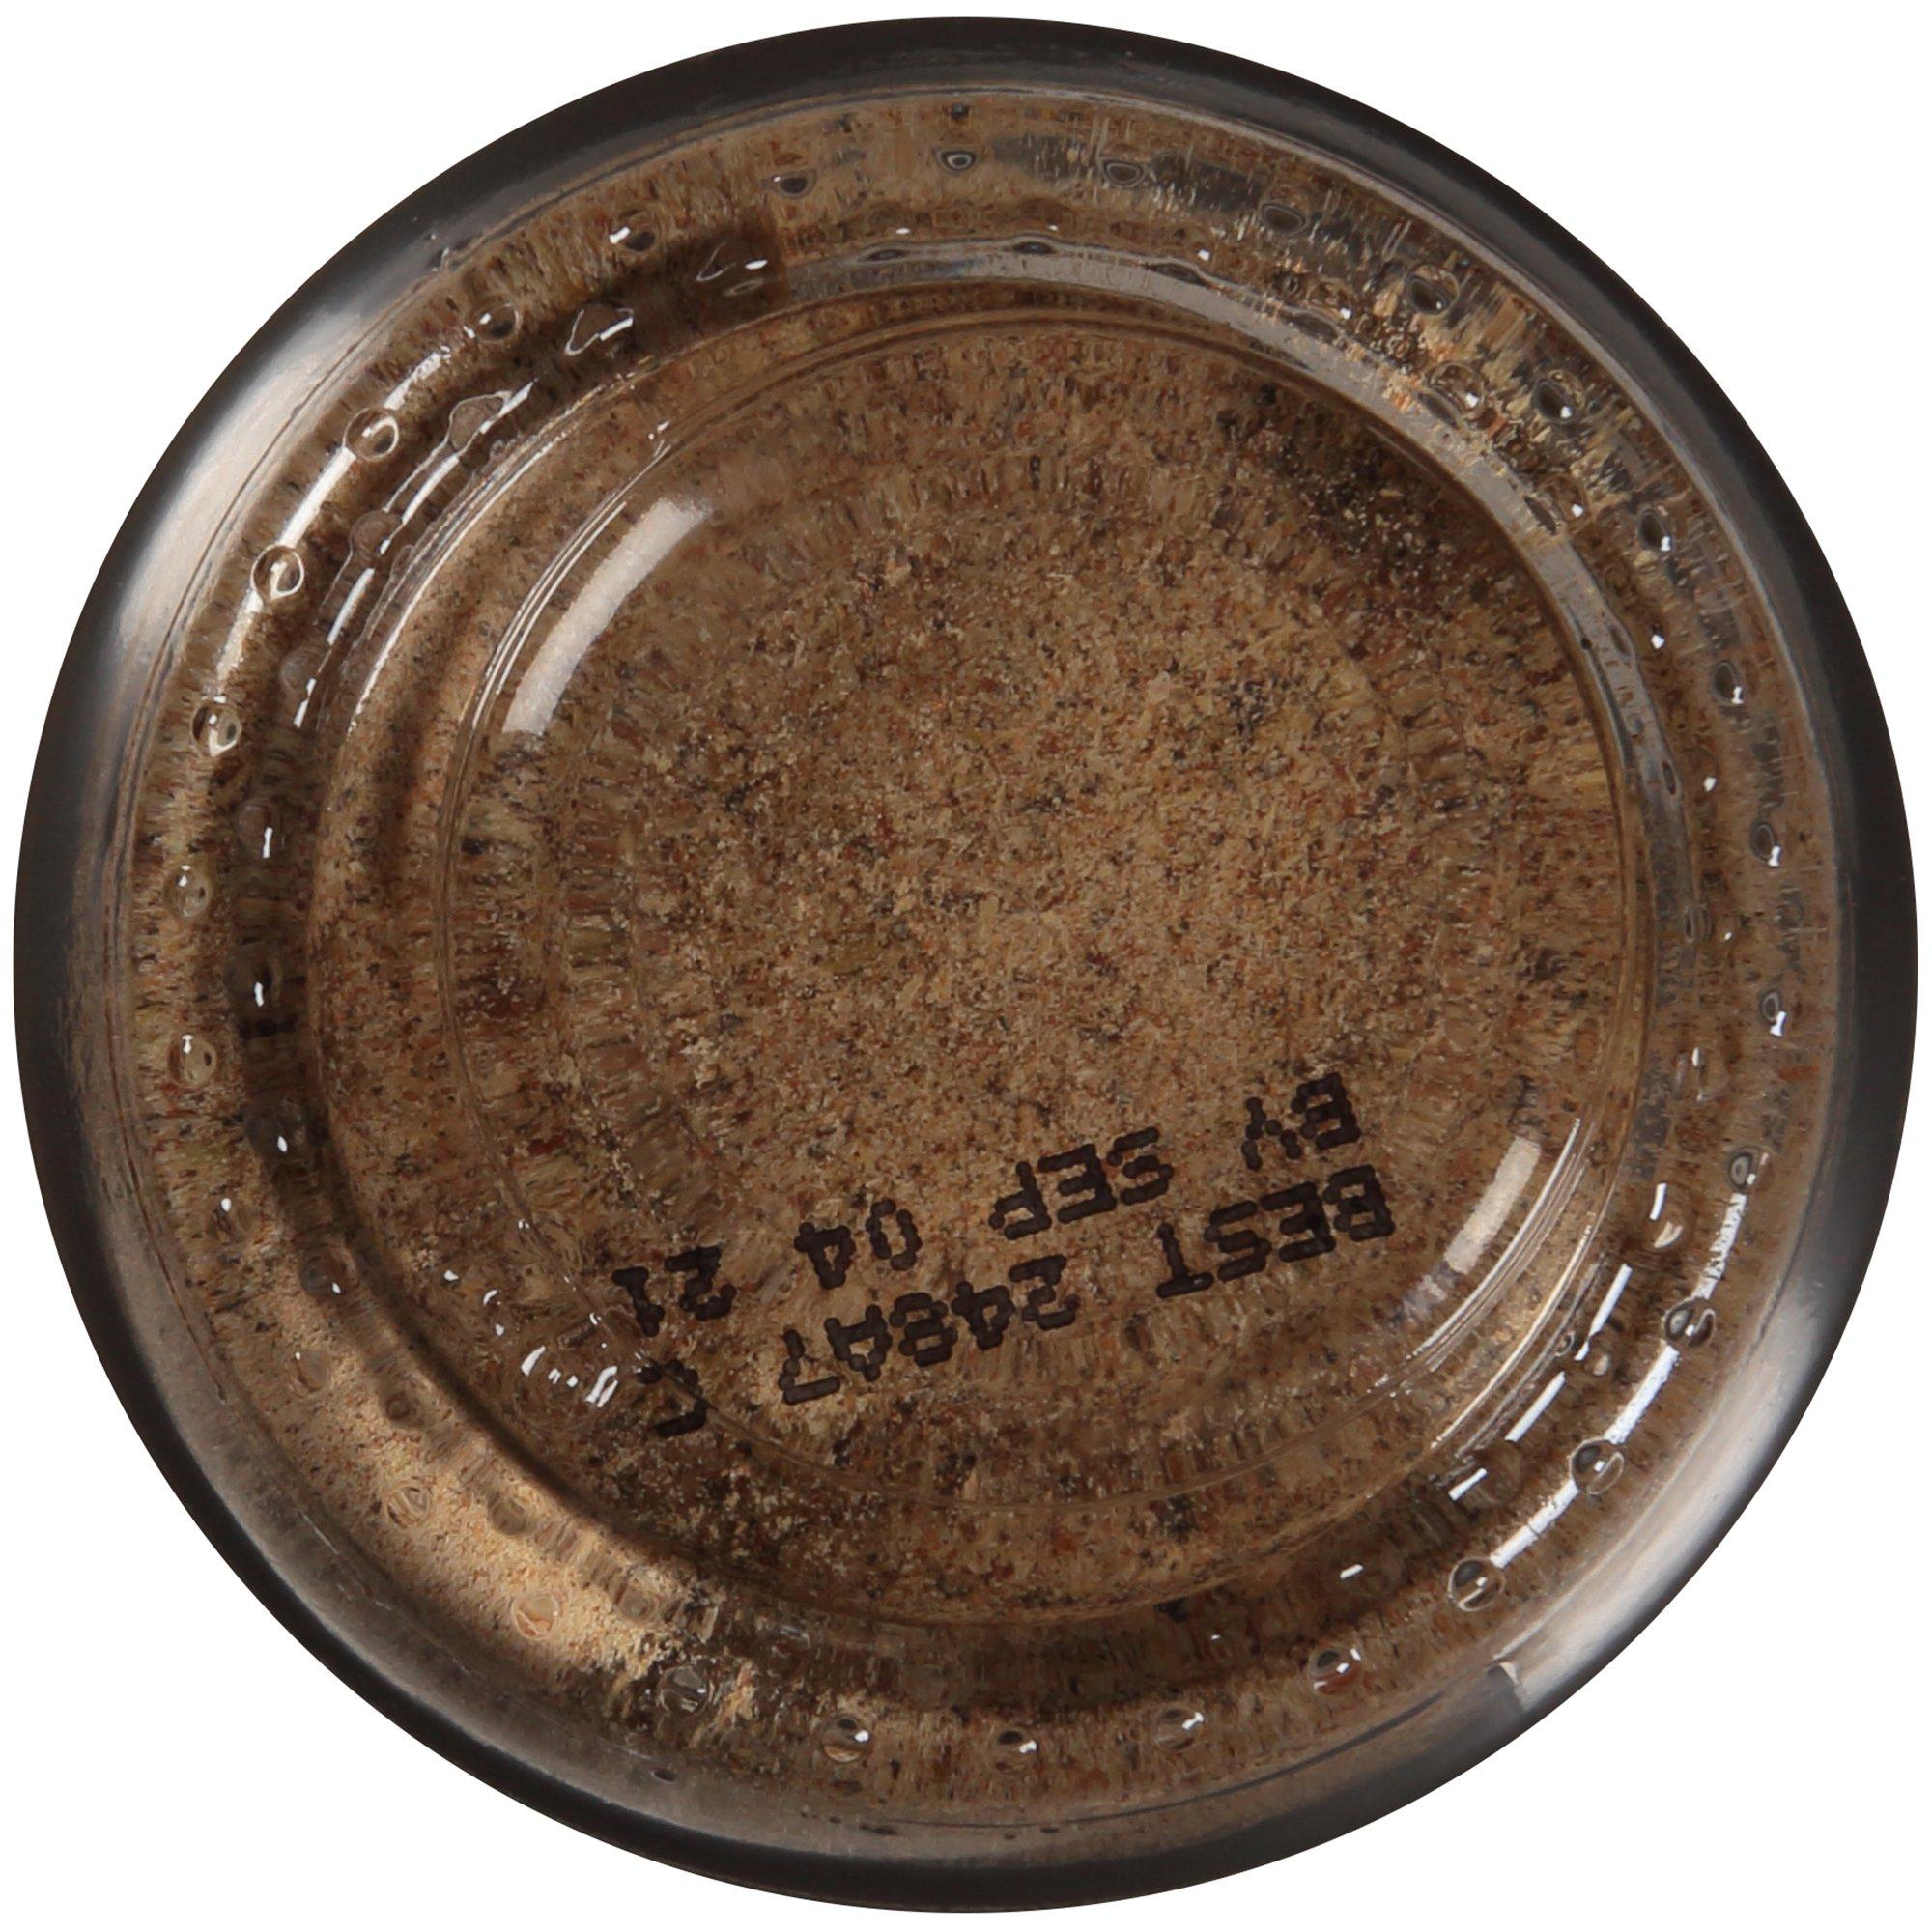 Spice Islands Ground Cardamom, 2 oz by Spice Islands (Image #3)